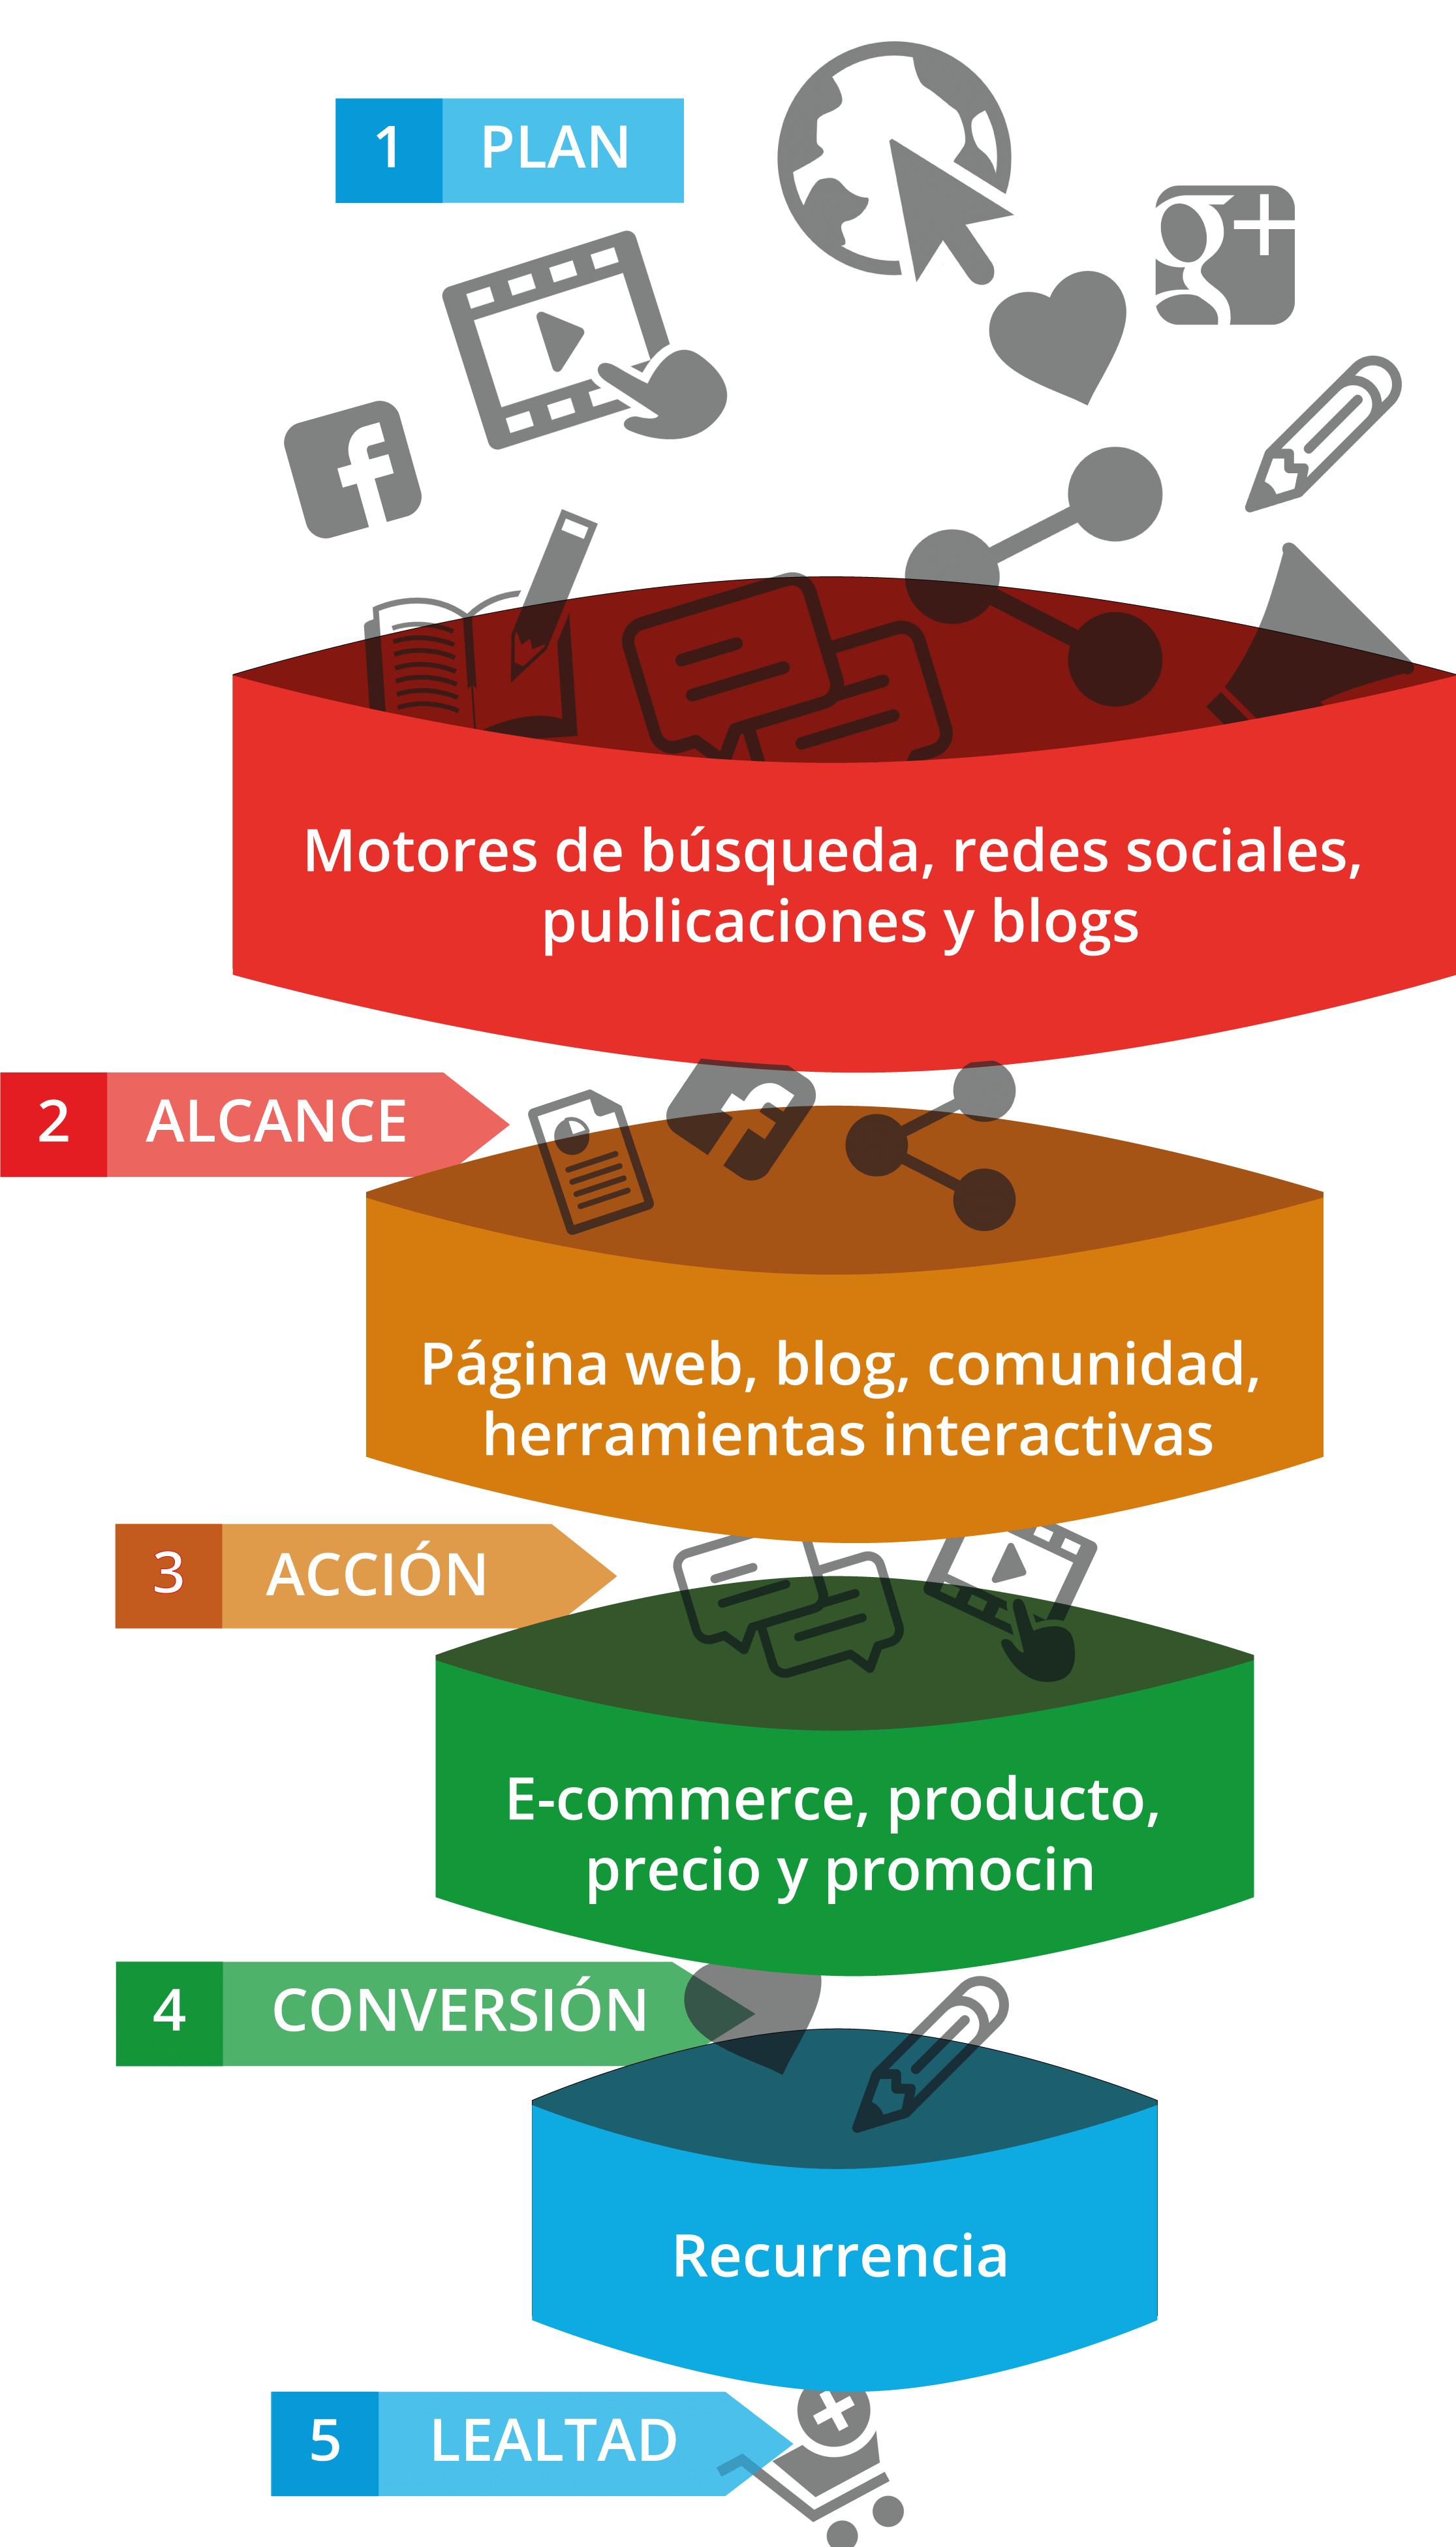 plantilla-plan-de-marketing - Marketing Digital, Desarrollo Web ...